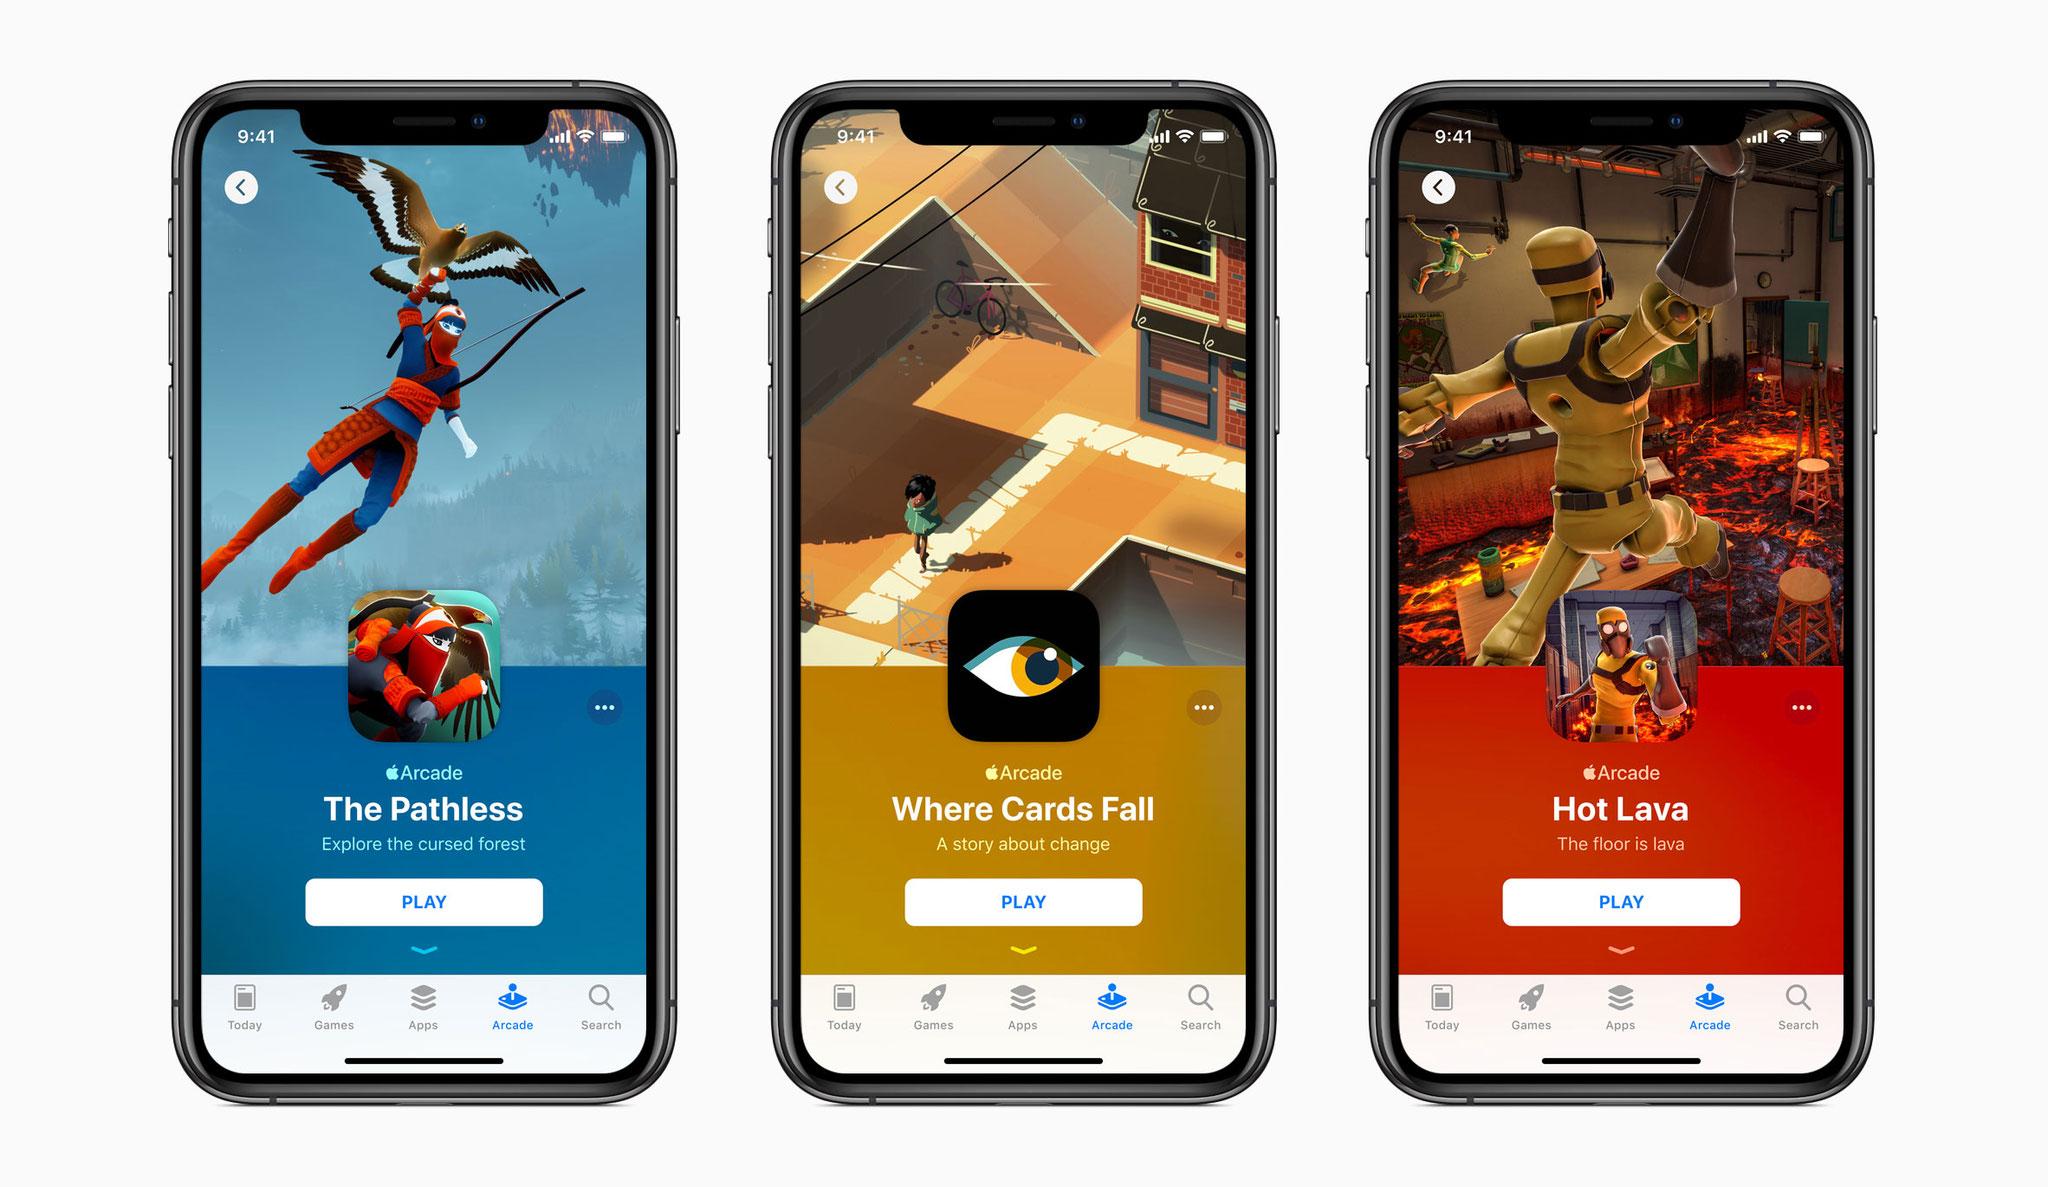 """Gehören ebenso zum """"Apple Arcade""""-Angebot wie bekannte Marken: Indie-Games wie """"The Pathless"""", """"Where Cards Fall"""" oder """"Hot Lava"""". Exklusiv sind diese Titel aber nicht - sie erscheinen auch für PC und Konsolen."""